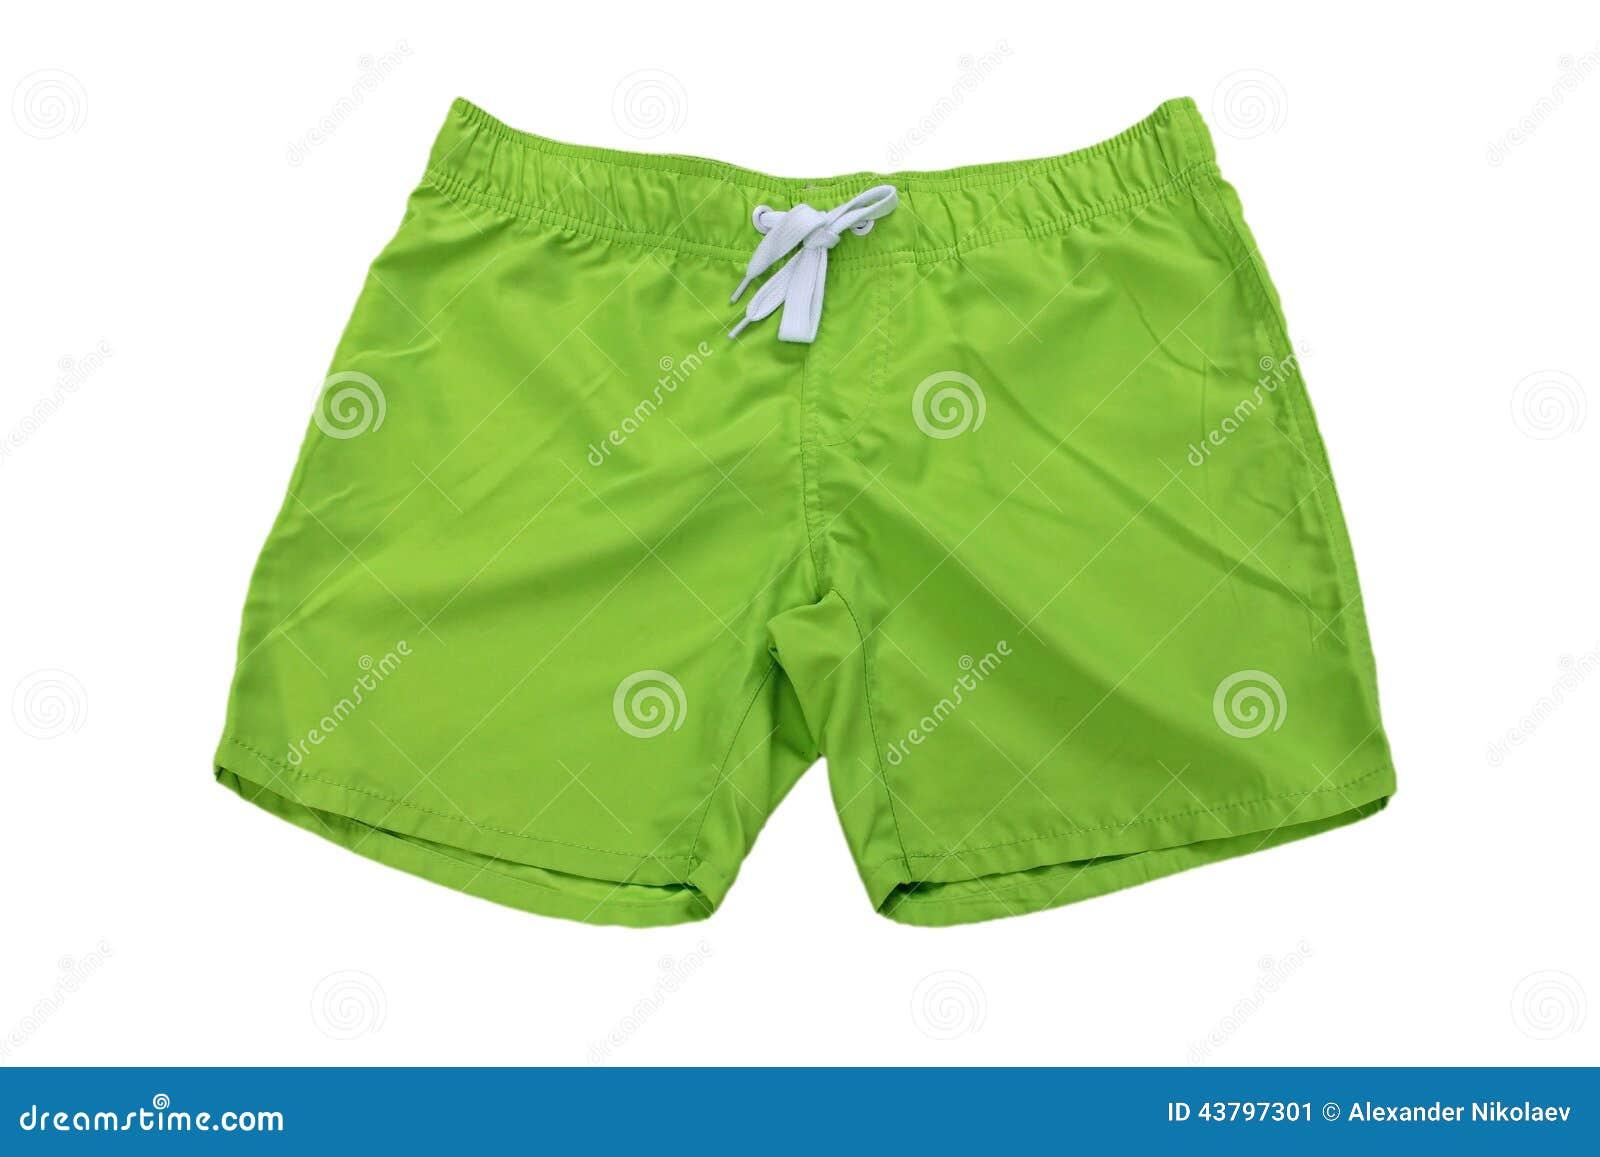 Ανθρώπινο σορτς ένδυσης †«πράσινα